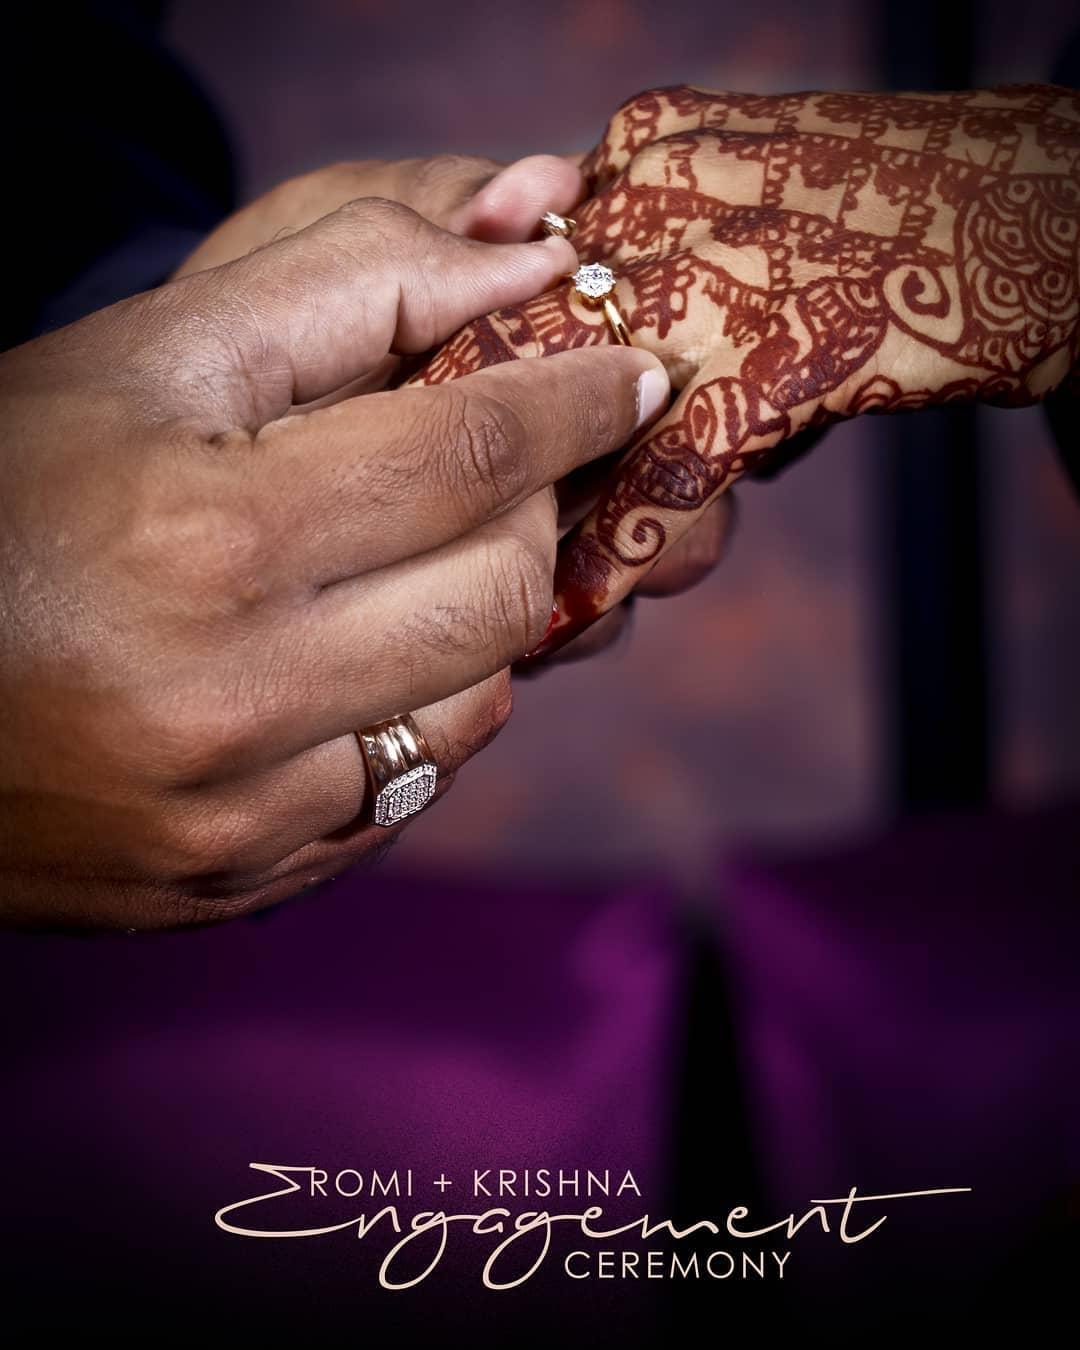 Dip Memento Photography,  dipmementophotography, engagement, photography, ahmedabad, ringceremony, india, indian, photo, photography, photographer, pic, storiesofindia, candidshoot, indianphotography, indianphotographers, canvasofindia, weddingportrait, streetphotographyindia, ahmedabad, oph, official_photographers_hub, indianshutterbugs, indiaclicks, _coi, india_everyday, i_hobbygraphy, igersoftheday, ahmedabad_diaries, dslr_official, weddingphotographer, indianphotography, photographers_of_india, destinationwedding